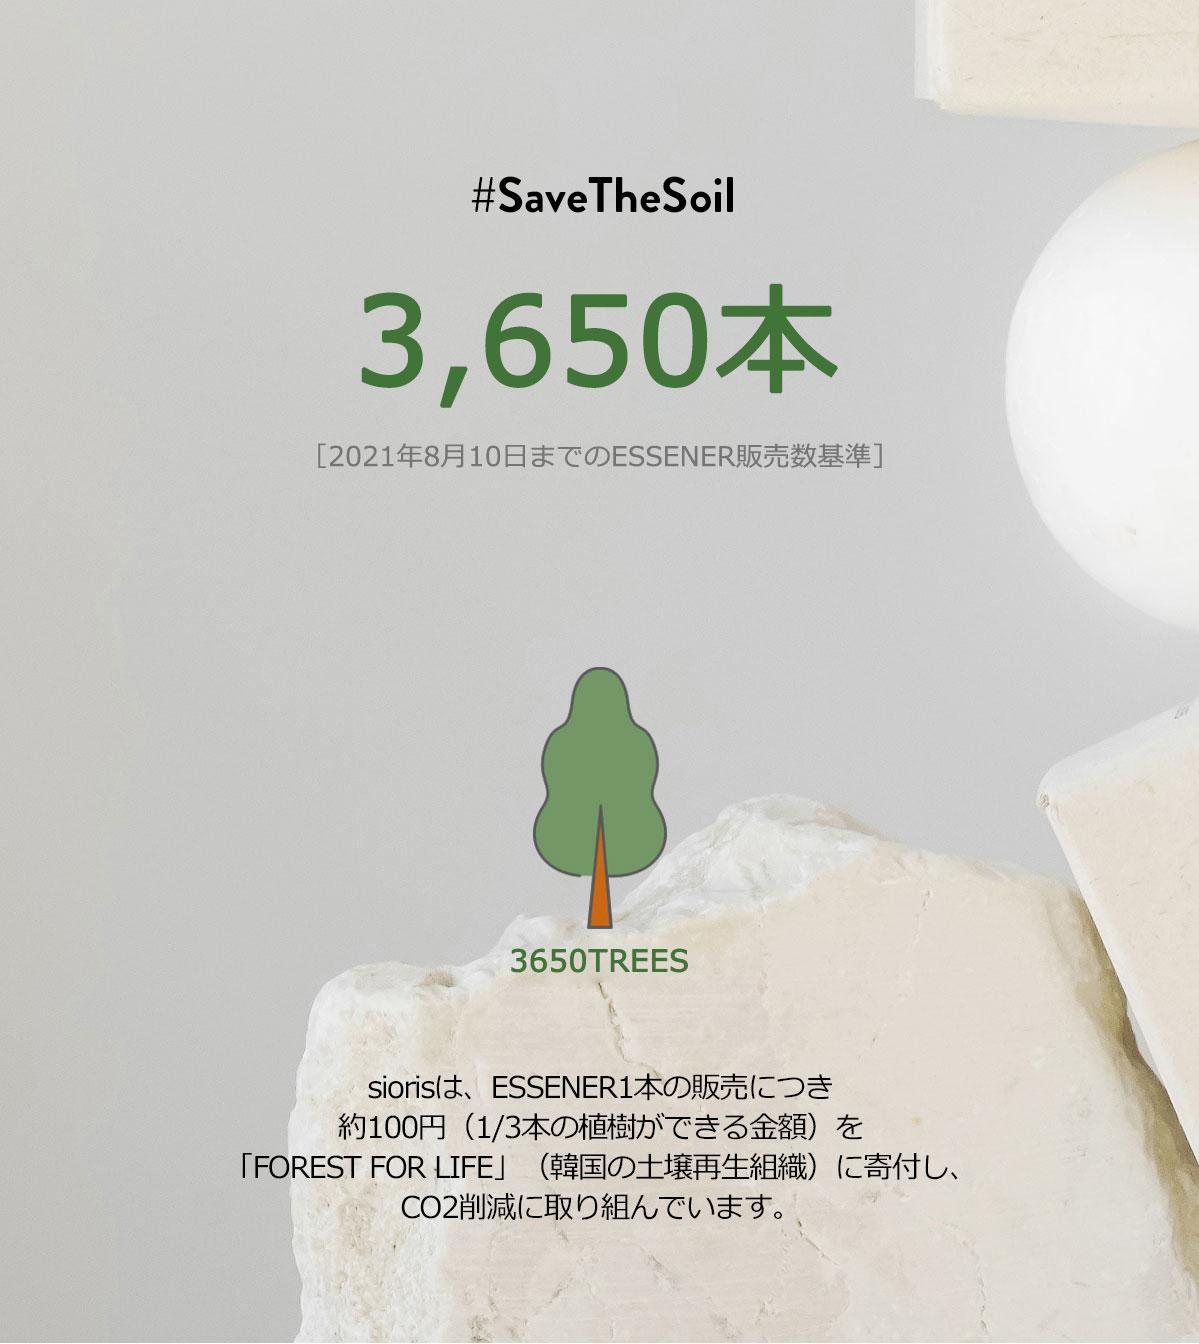 siorisは、ESSENER1本の販売につき約100円(1/3本の植樹ができる金額)を「FOREST FOR LIFE」(韓国の土壌再生組織)に寄付し、CO2削減に取り組んでいます。